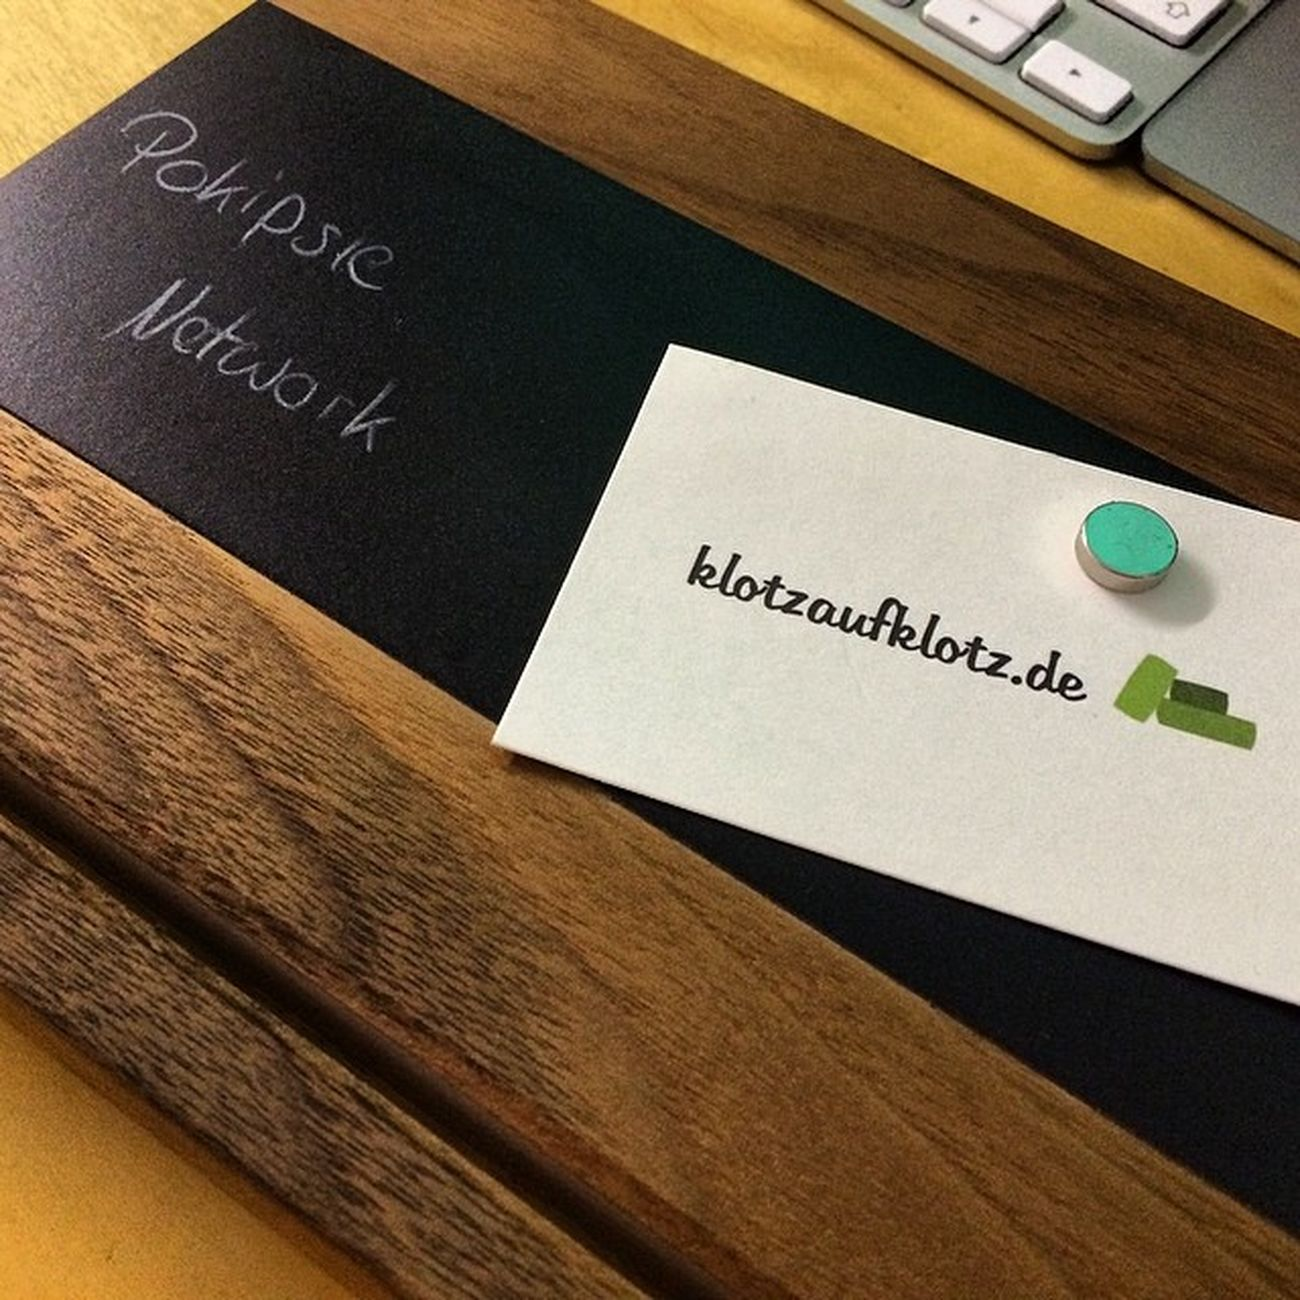 Heute mal ein Holz-Gadget. Das Schlüsselbrett Nussbaum von #KlotzAufKlotz - schön sauber verarbeitete deutsche Wertarbeit. Mit integrierter tafelfolie für kleine Notizen #gadget #haus #wohnung #accessoire #style #natur #holz Natur Holz Haus Style Gadget Wohnung Accessoire Klotzaufklotz